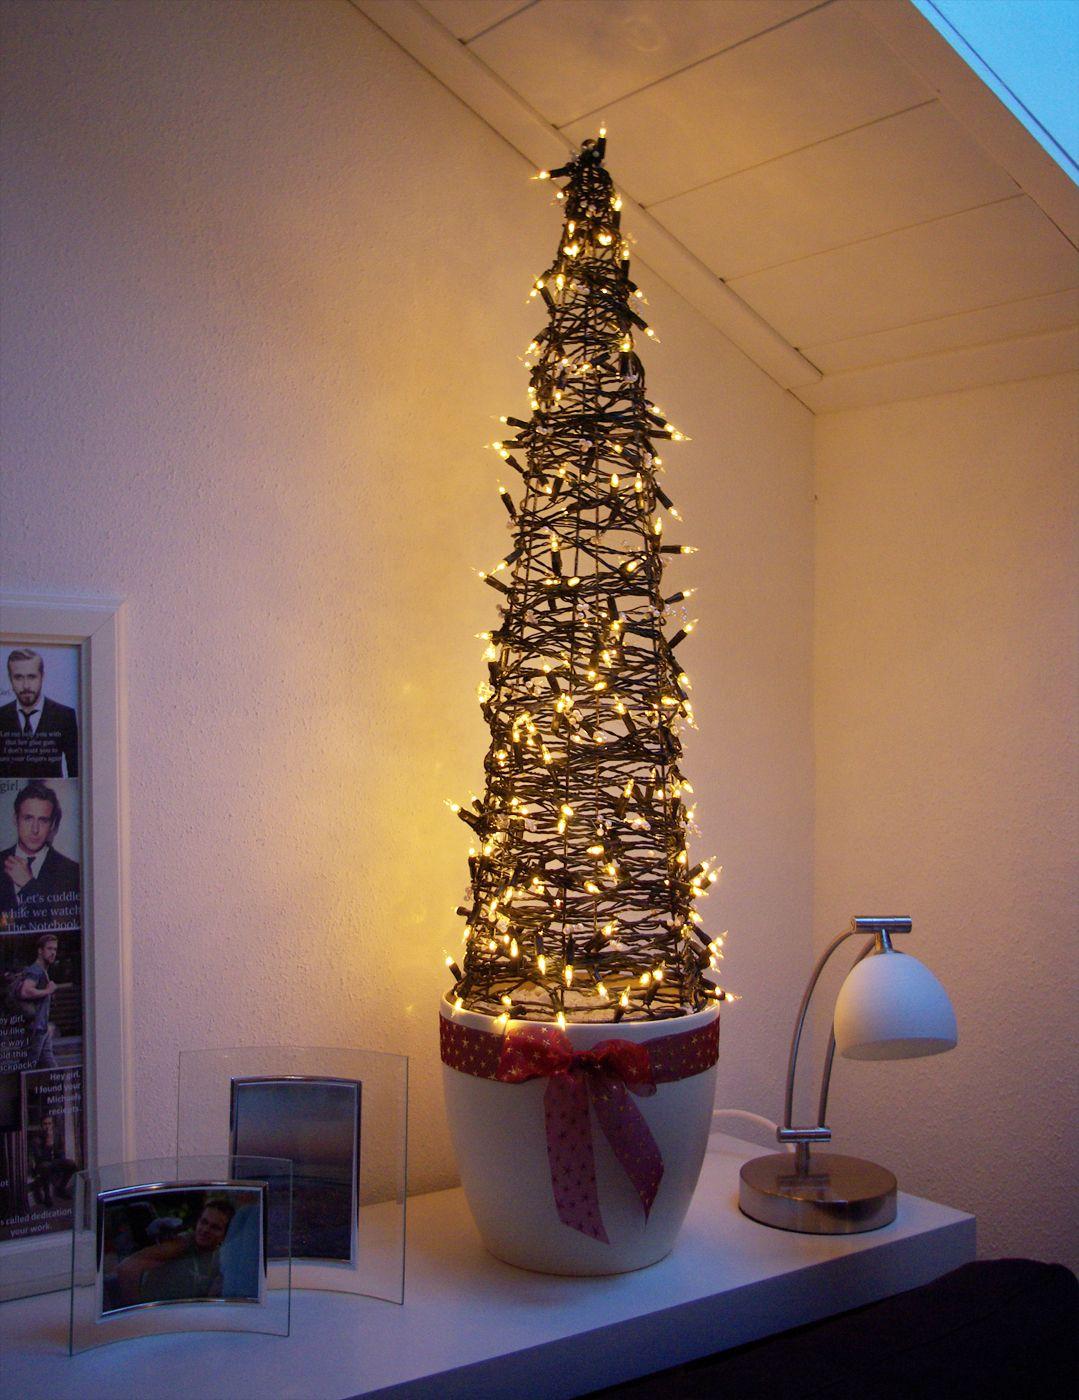 weihnachtsbaum christbaum tannenbaum alternative anleitung. Black Bedroom Furniture Sets. Home Design Ideas